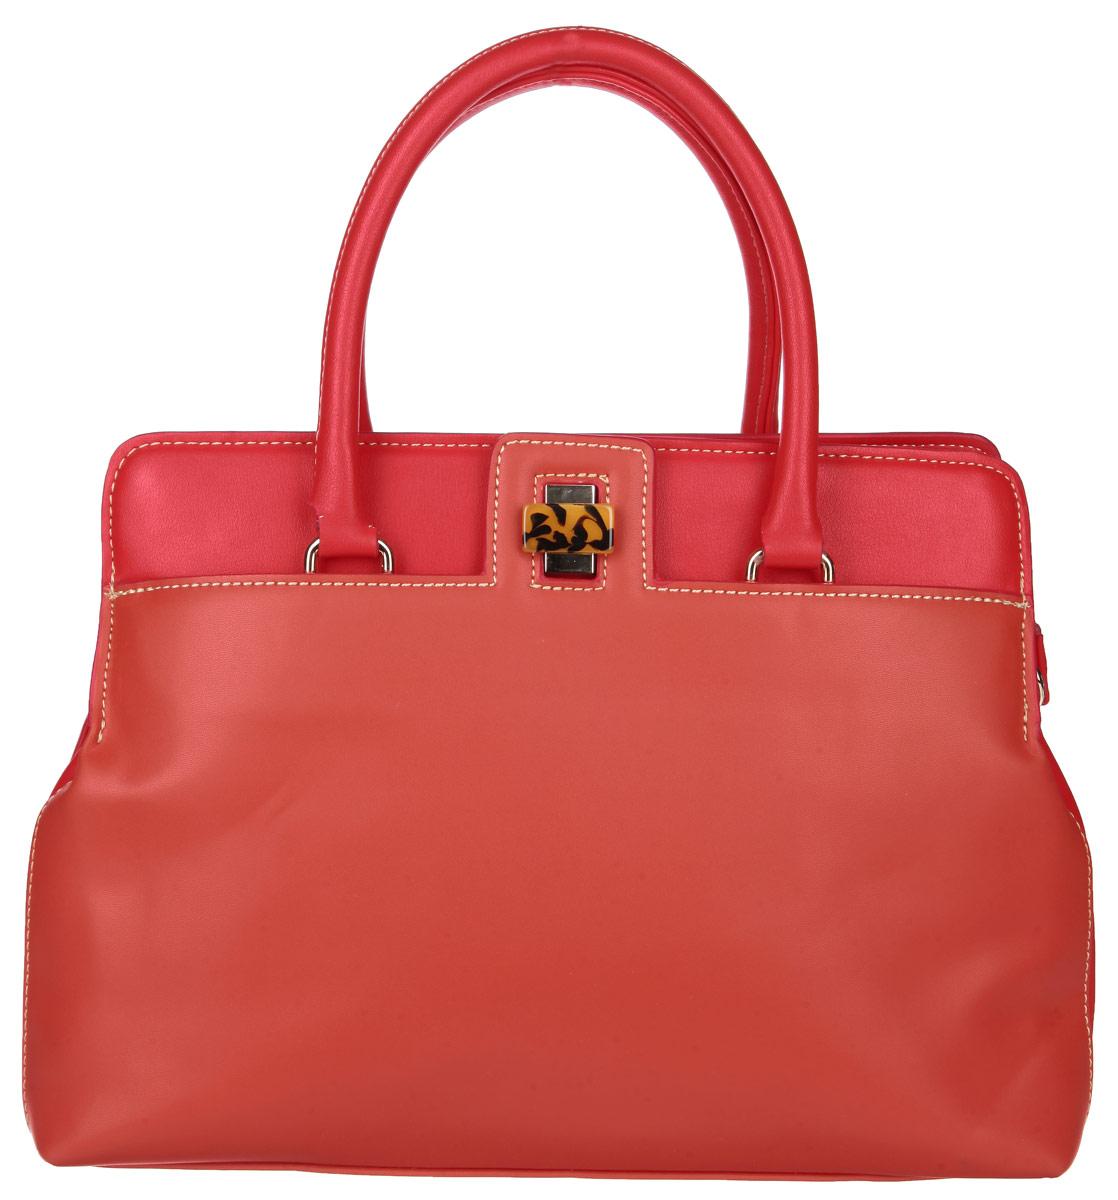 Сумка женская Bettydano, цвет: красный. L40061/40L40061/40Стильная женская сумка Bettydano выполнена из натуральной кожи, оформлена металлической фурнитурой. Изделие содержит одно отделение, которое закрывается на молнию. Внутри расположены два накладных кармашка для мелочей, карман-средник на молнии и врезной карман на молнии. На лицевой стороне расположен врезной карман, закрывающийся на замок-вертушку. Сумка оснащена удобными ручками, которые дополнены металлической фурнитурой и съемным плечевым ремнем, регулируемой длины. Дно изделия дополнено металлическими ножками. Оригинальный аксессуар позволит вам завершить образ и быть неотразимой.